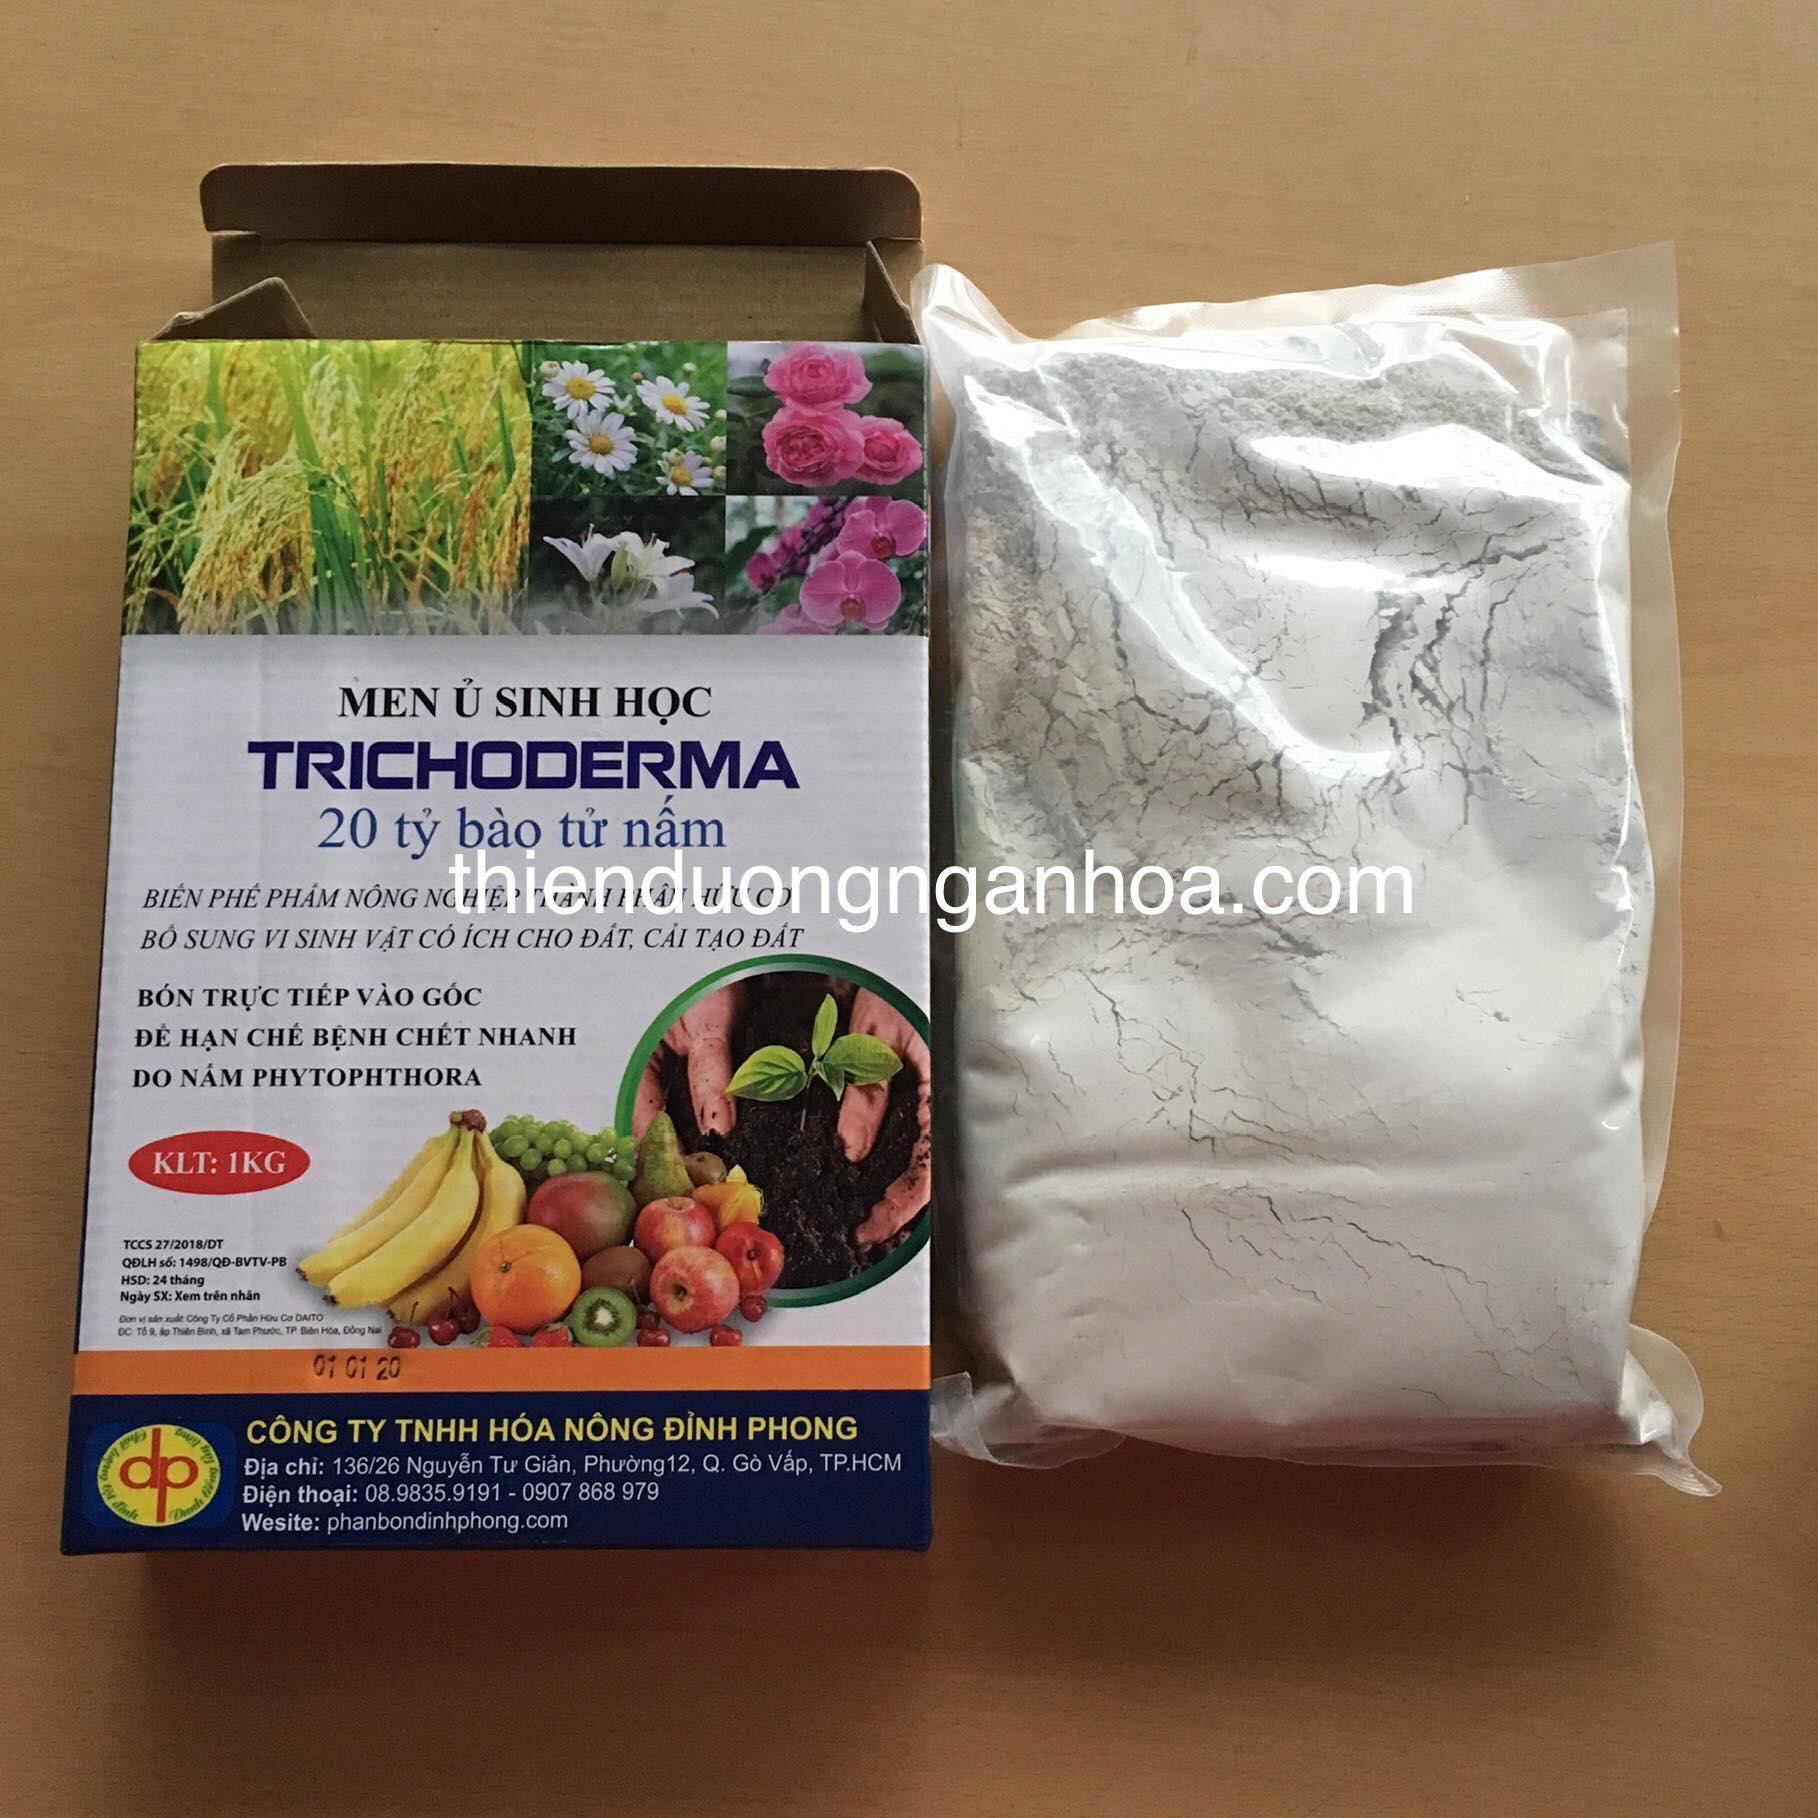 Bán men ủ trichoderma trị các loại nấm hại, ủ rác hữu cơ compost tại nhà, ủ mùn dừa...bón trực tiếp vào cây